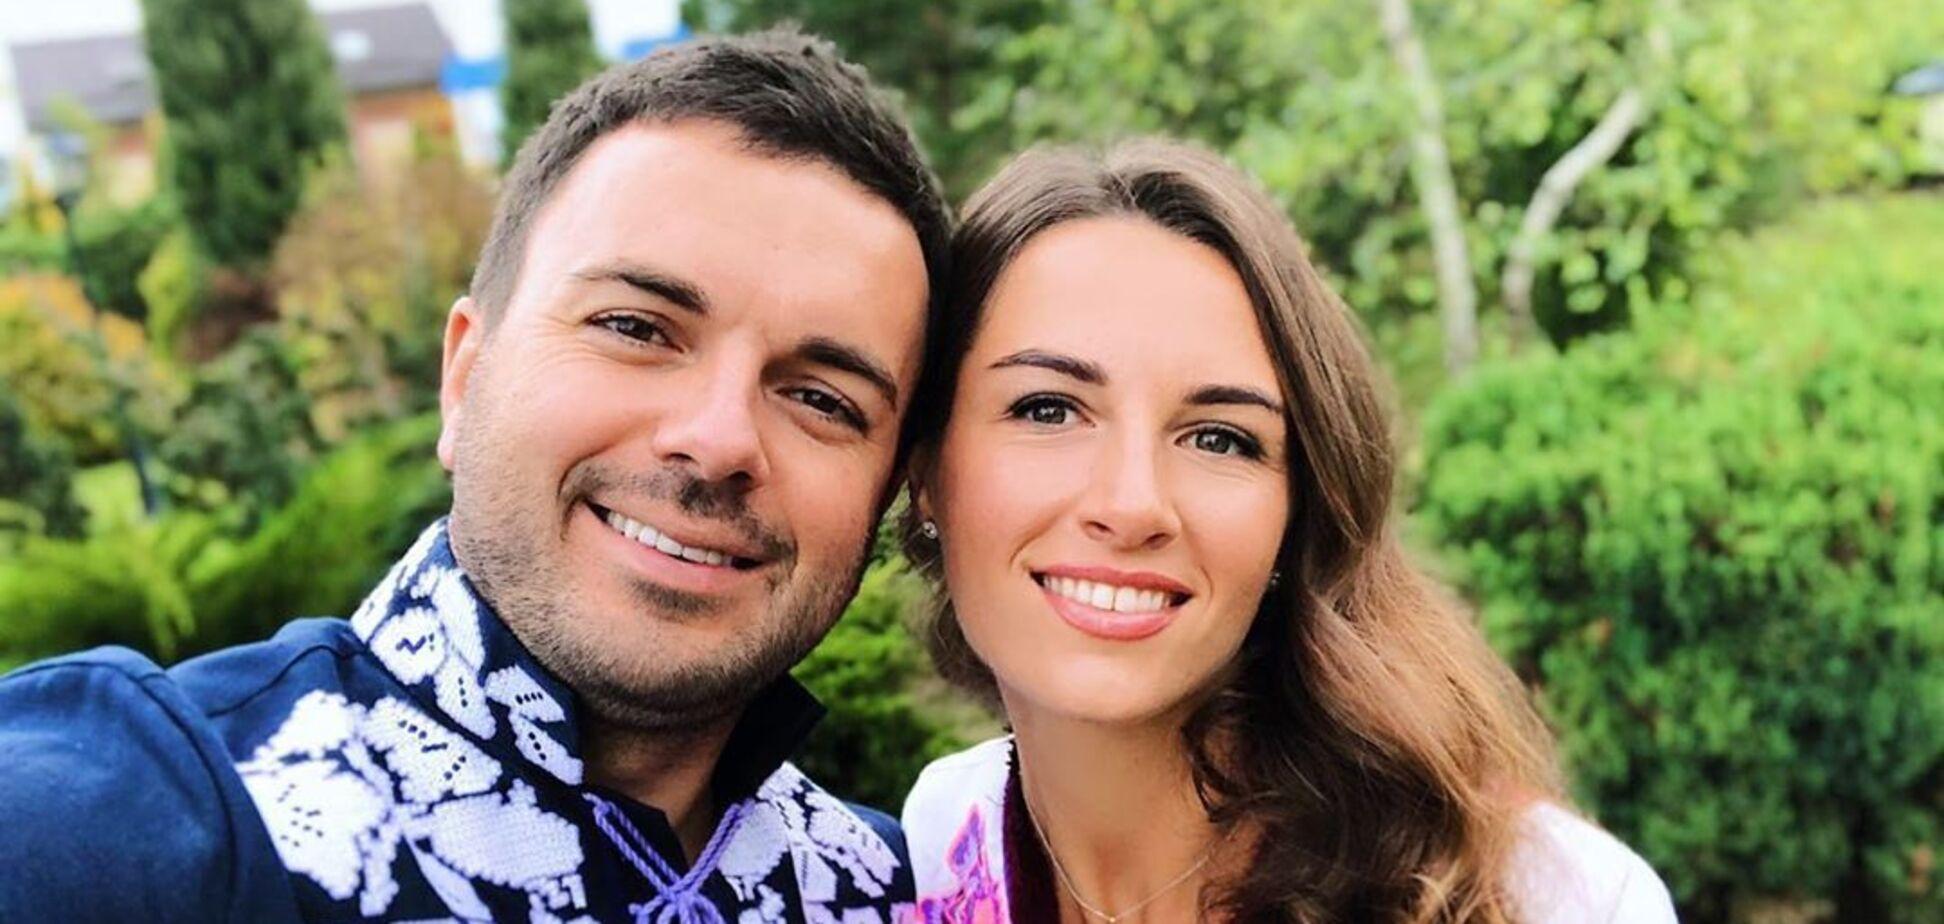 Григорій Решетник втретє став батьком